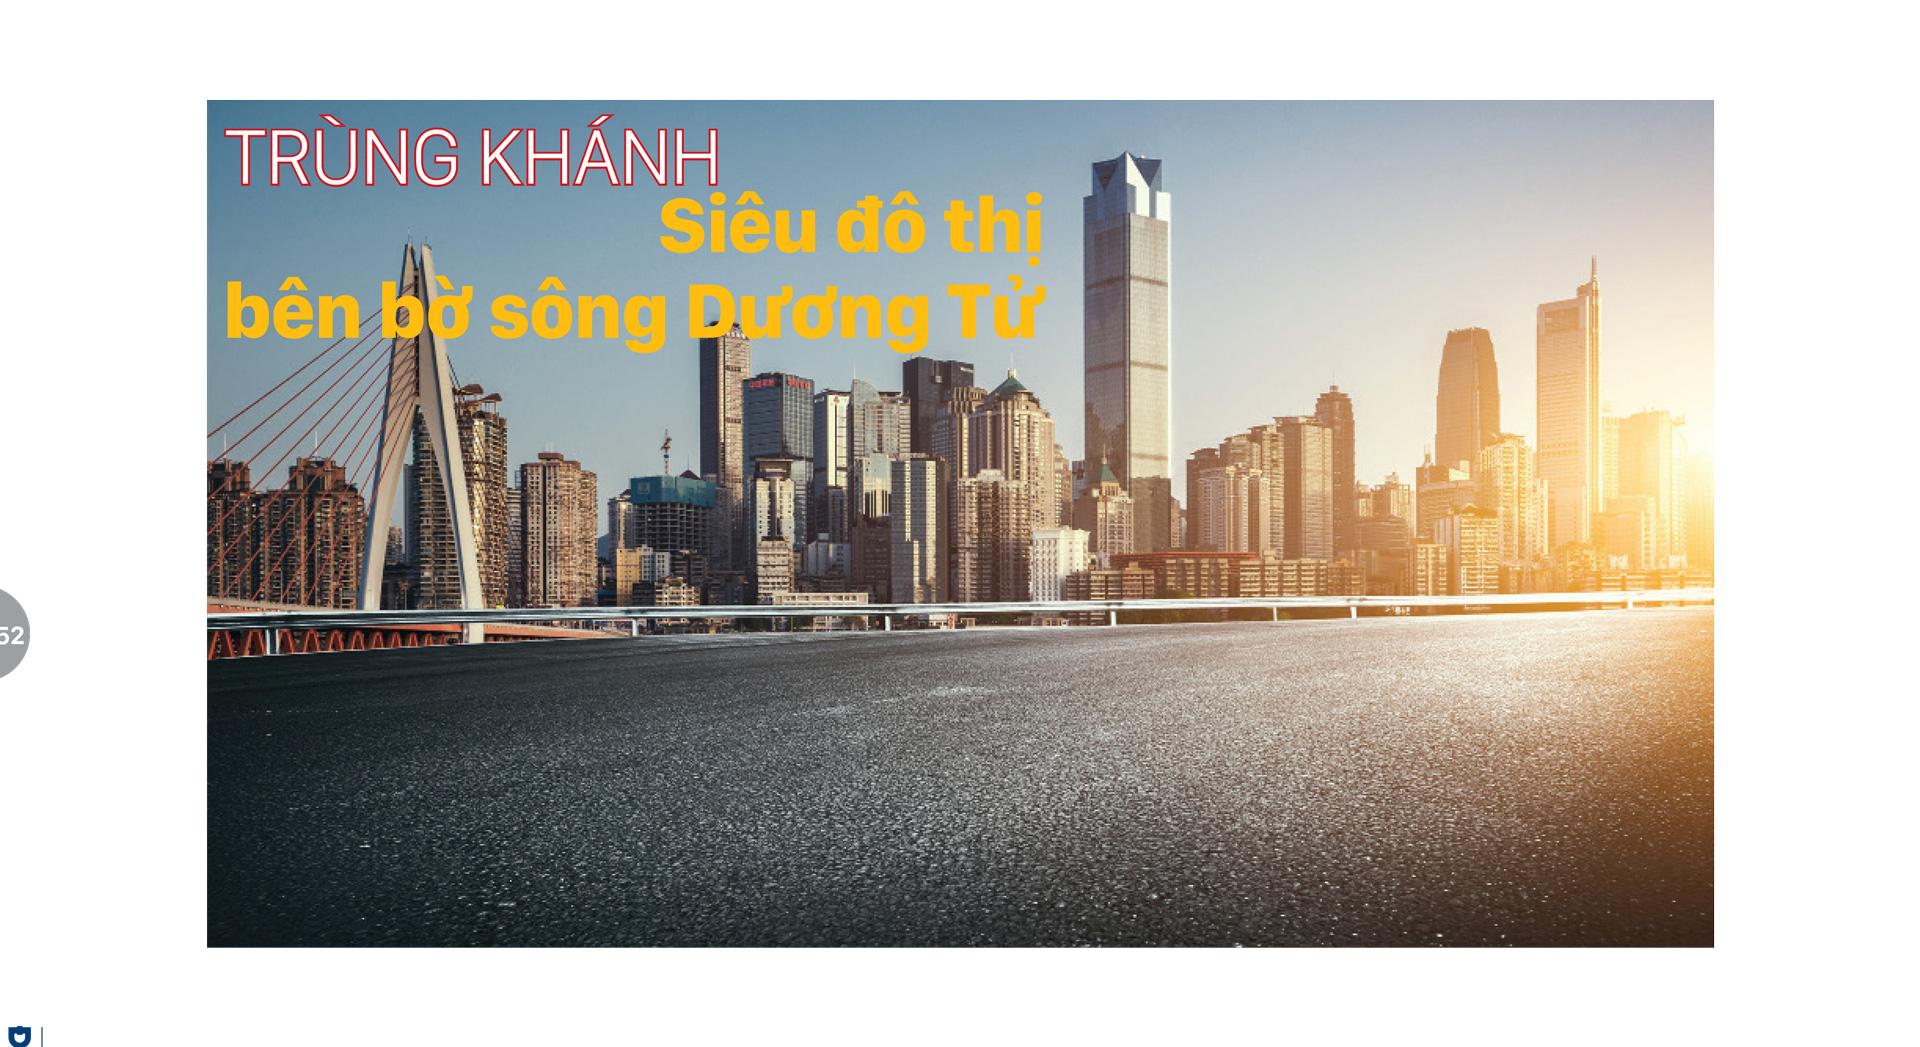 Trùng Khánh -  Siêu đô thị bên bờ sông Dương Tử